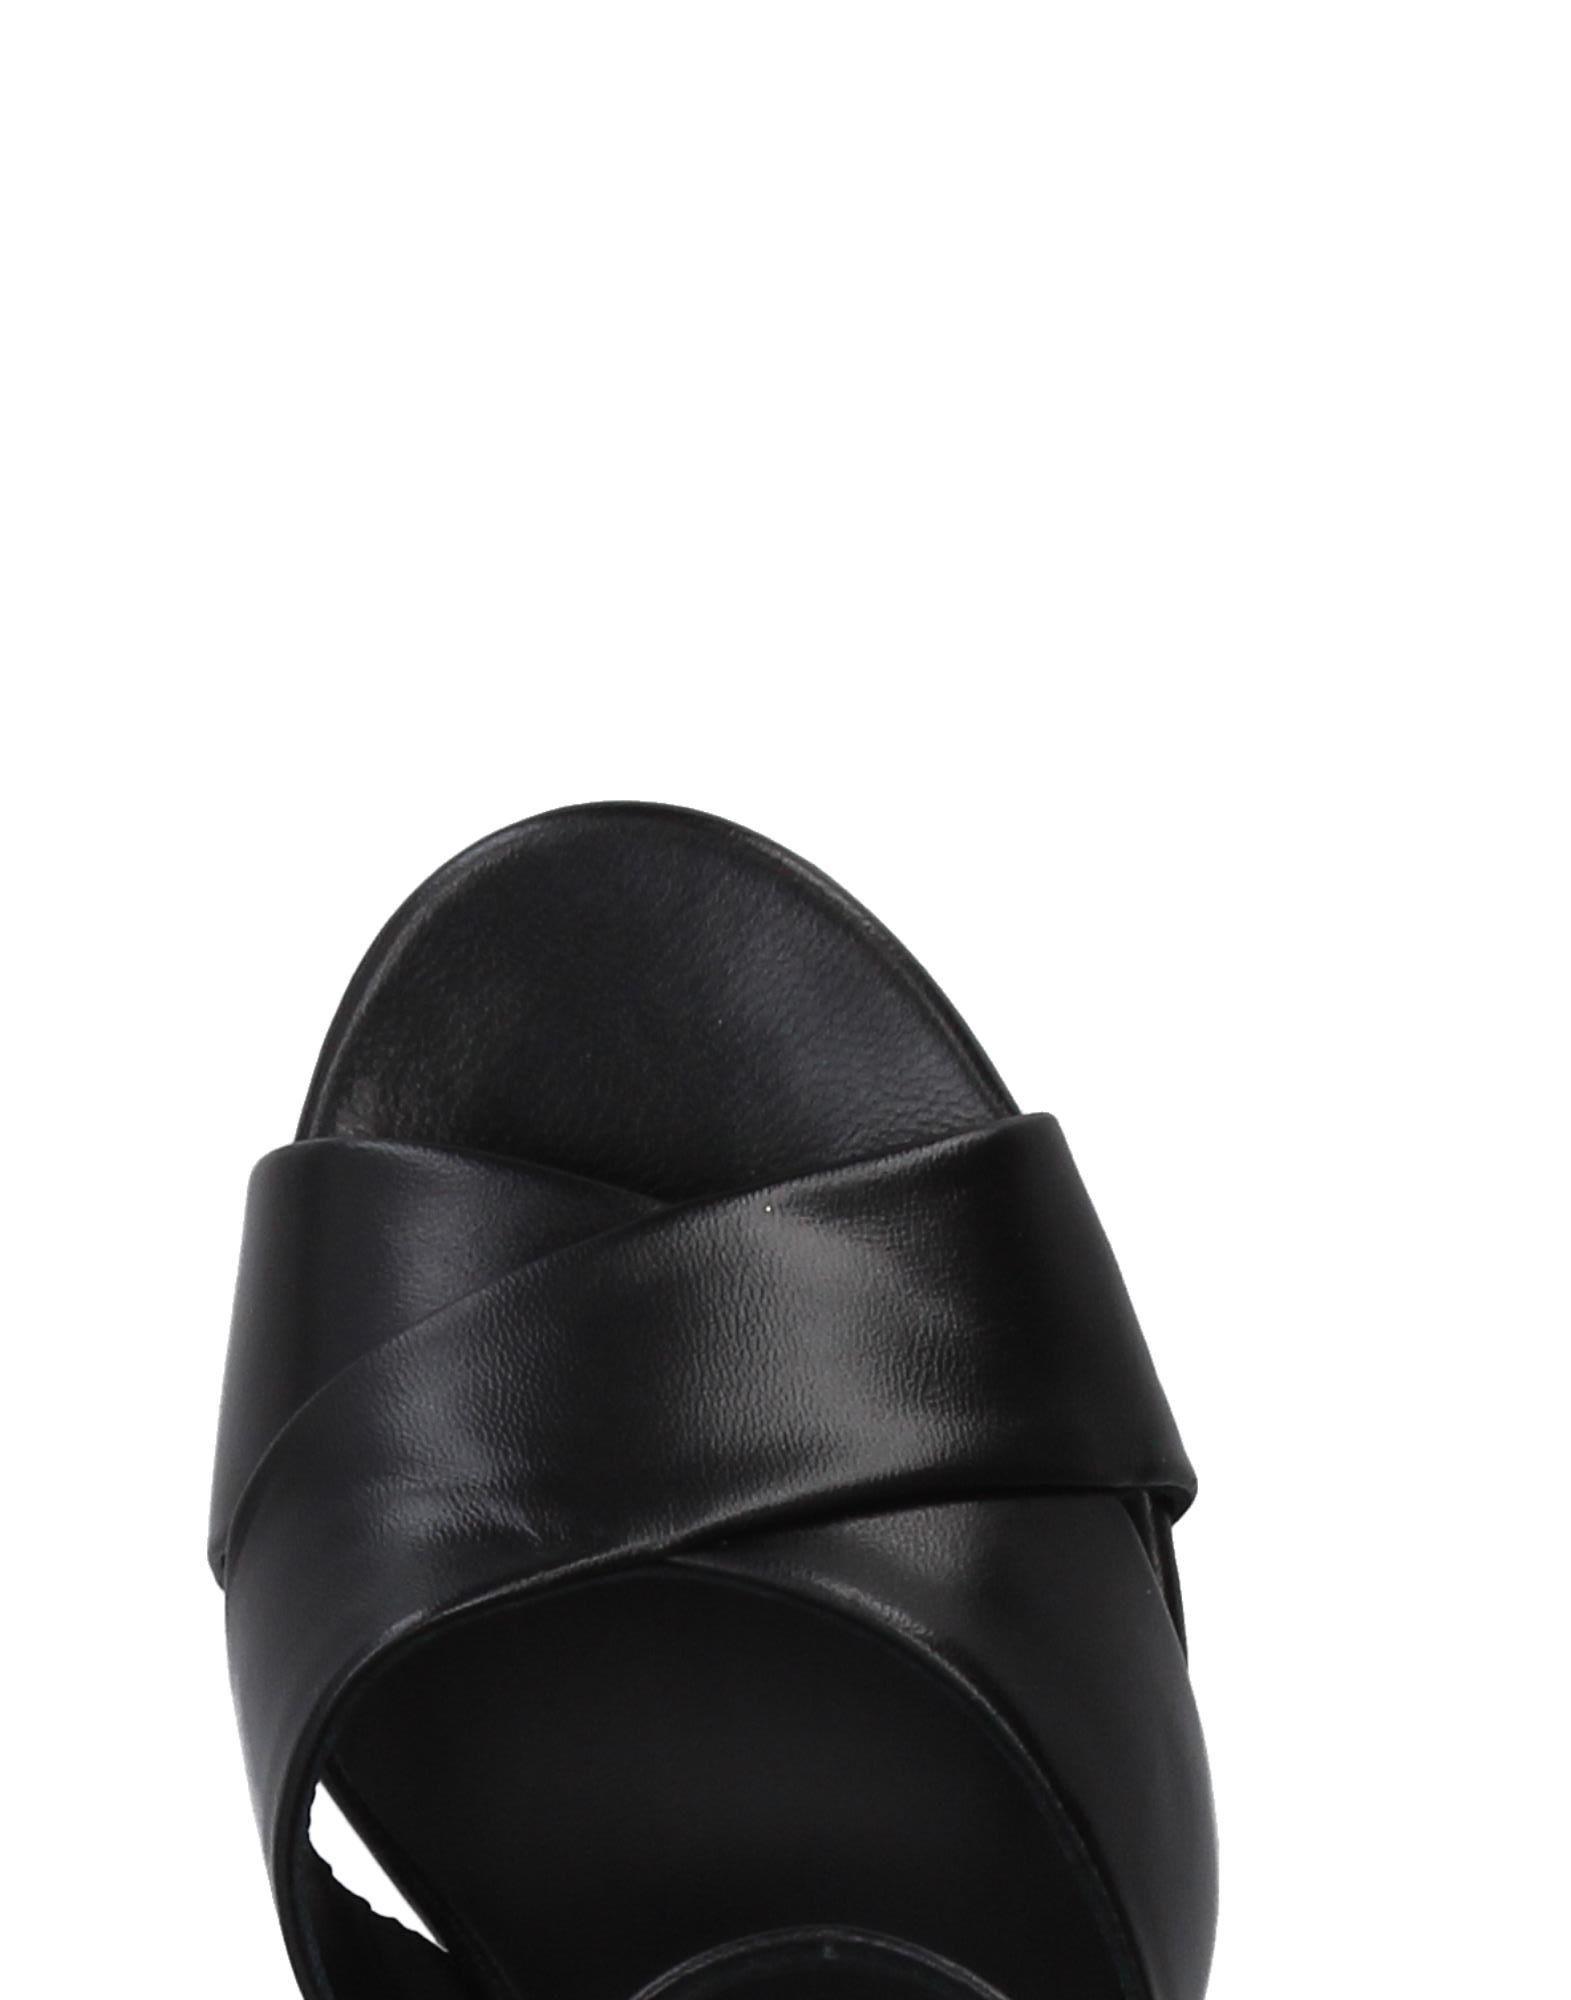 Le Silla Sandalen Damen Schuhe  11396734EIGut aussehende strapazierfähige Schuhe Damen 374df1